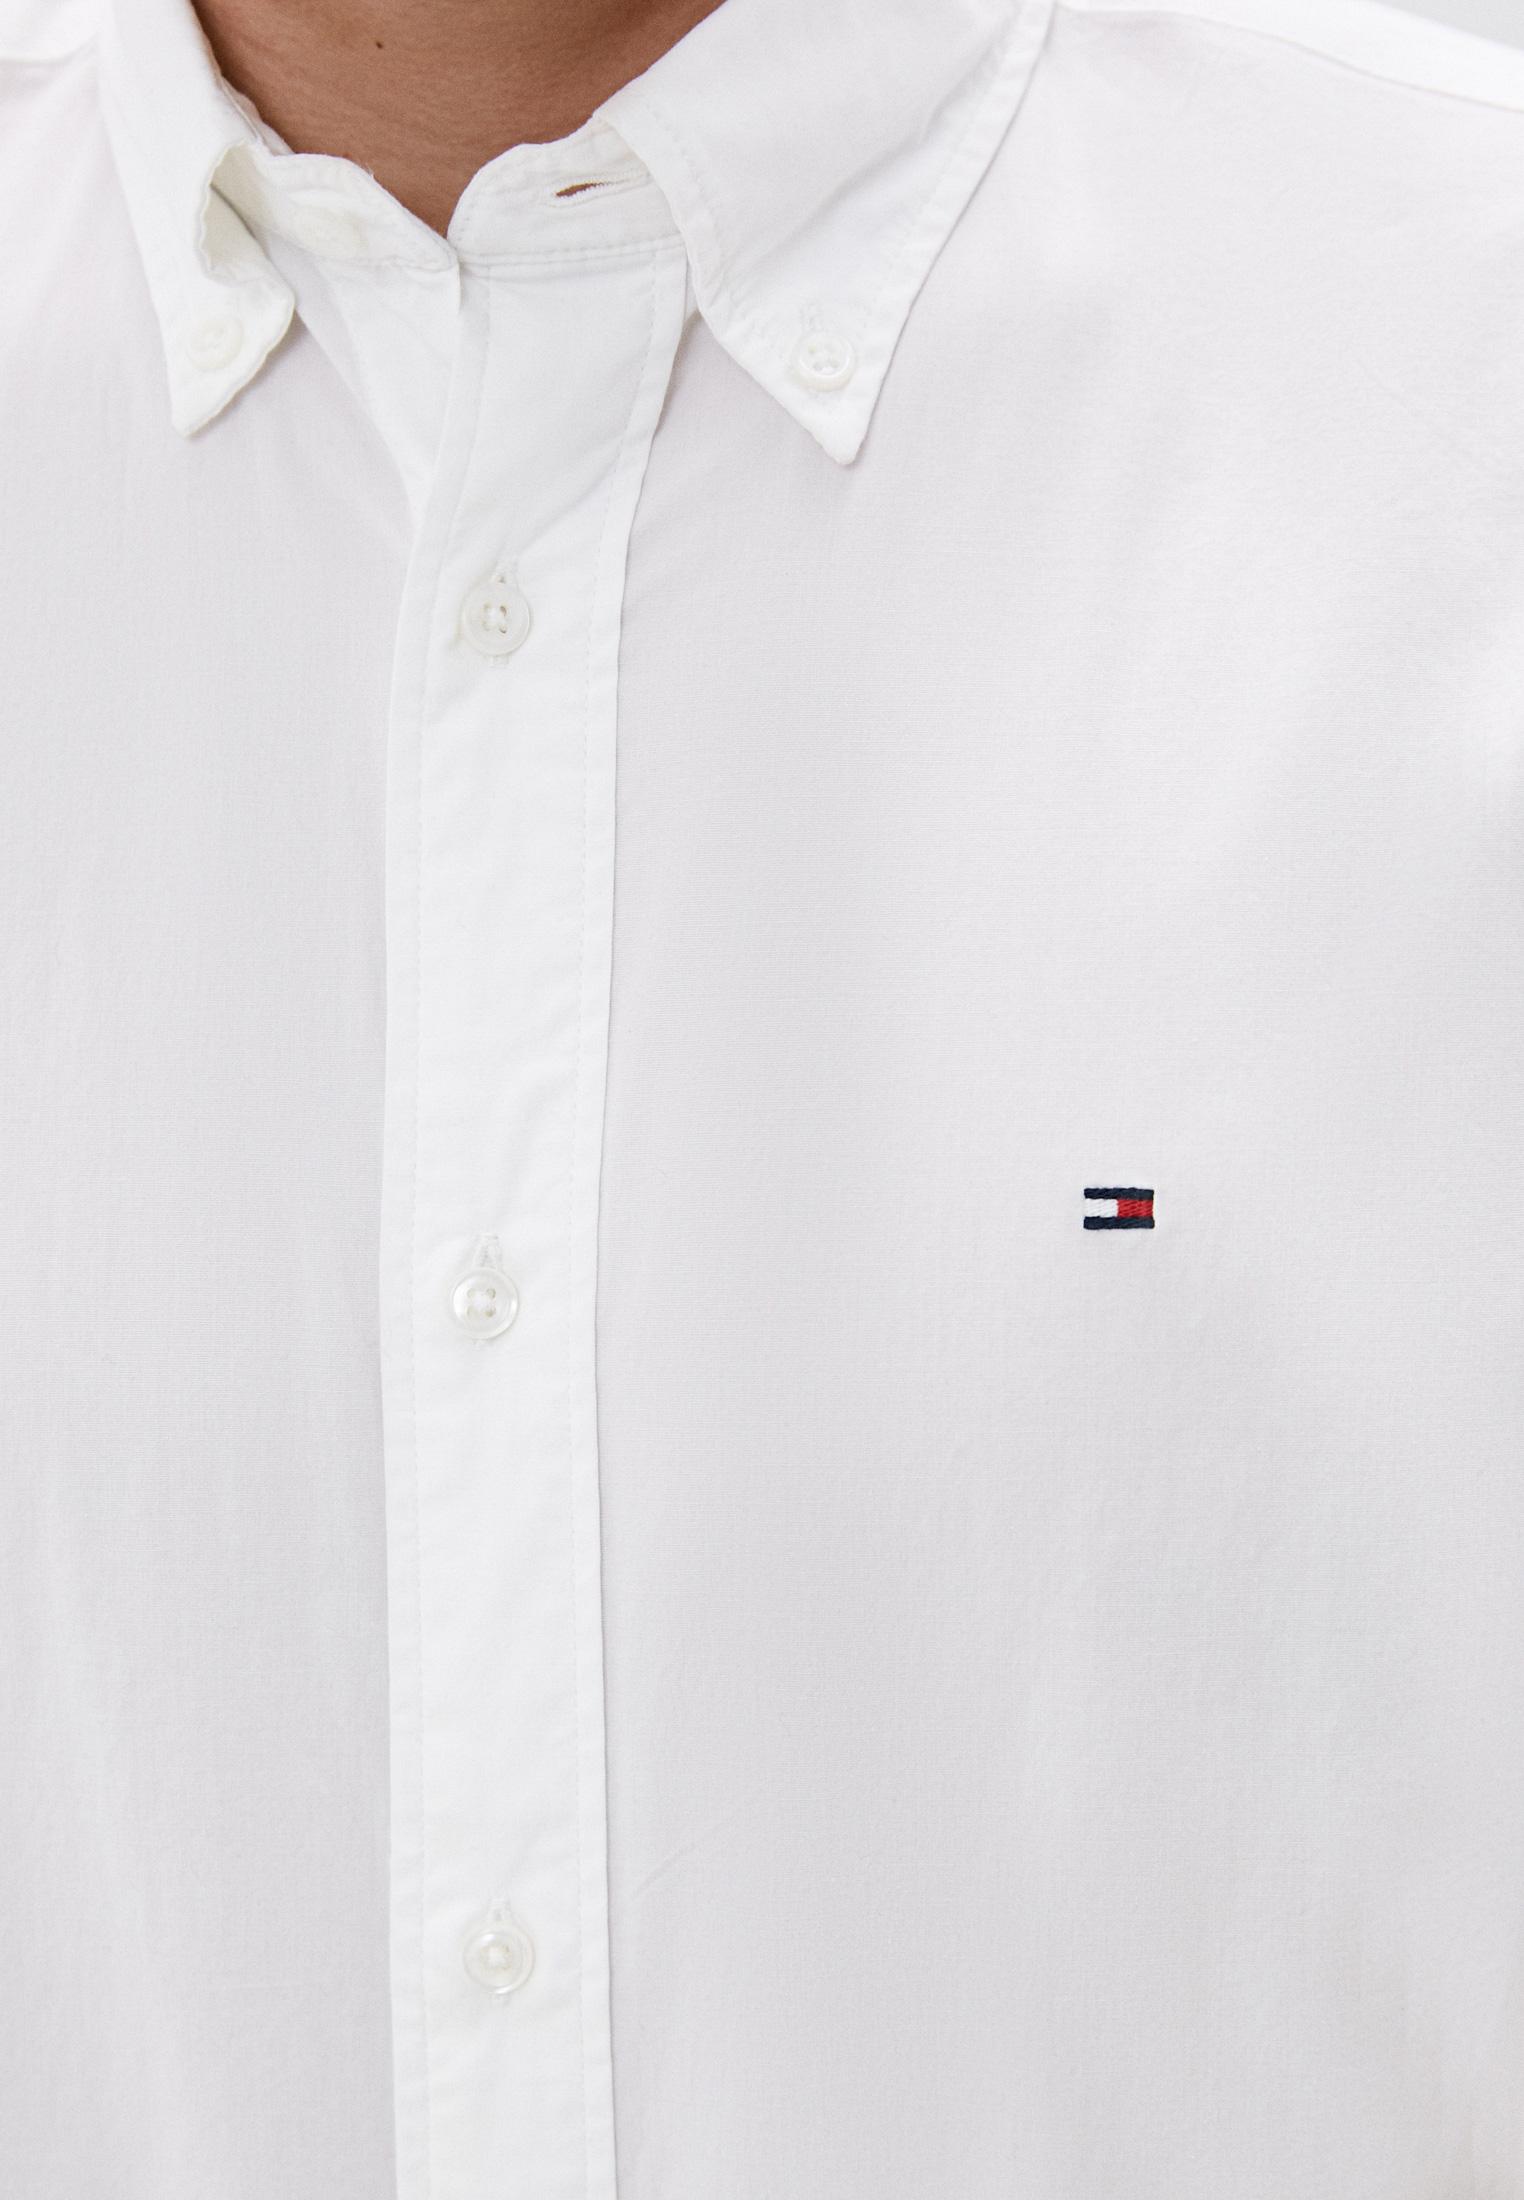 Рубашка с длинным рукавом Tommy Hilfiger (Томми Хилфигер) MW0MW18405: изображение 4